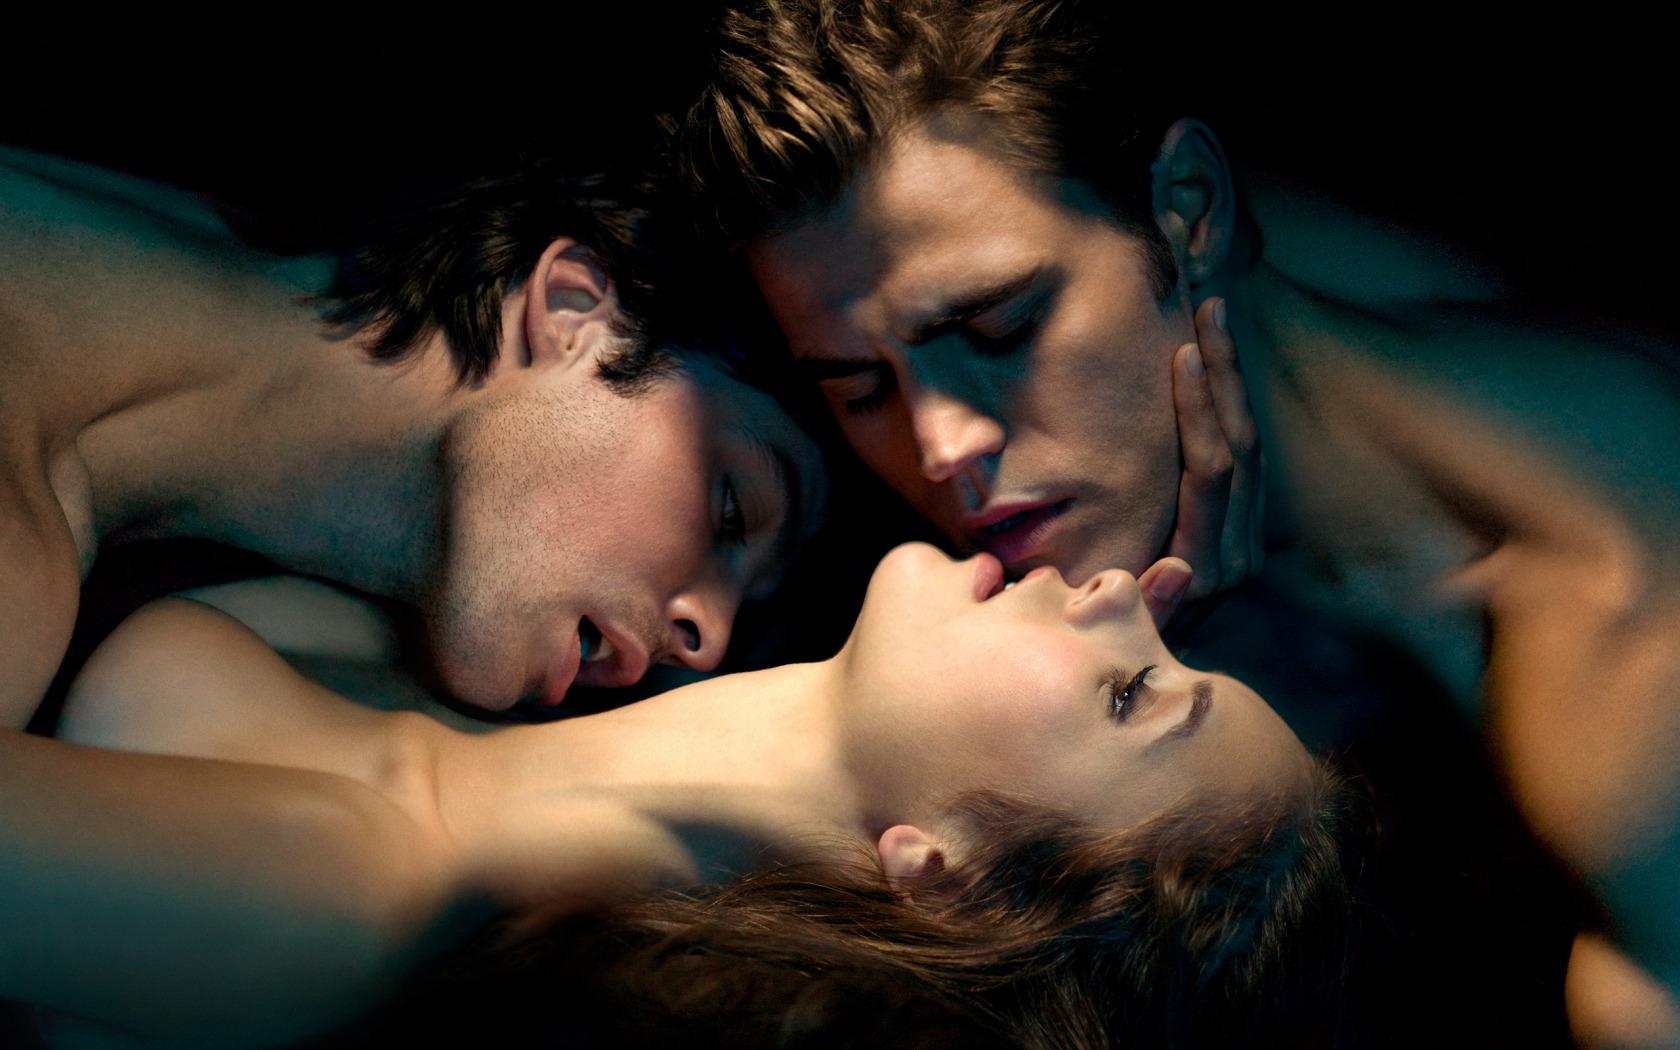 Сексуальні фільми онлайн, Эротика Смотреть эротические фильмы онлайн 24 фотография